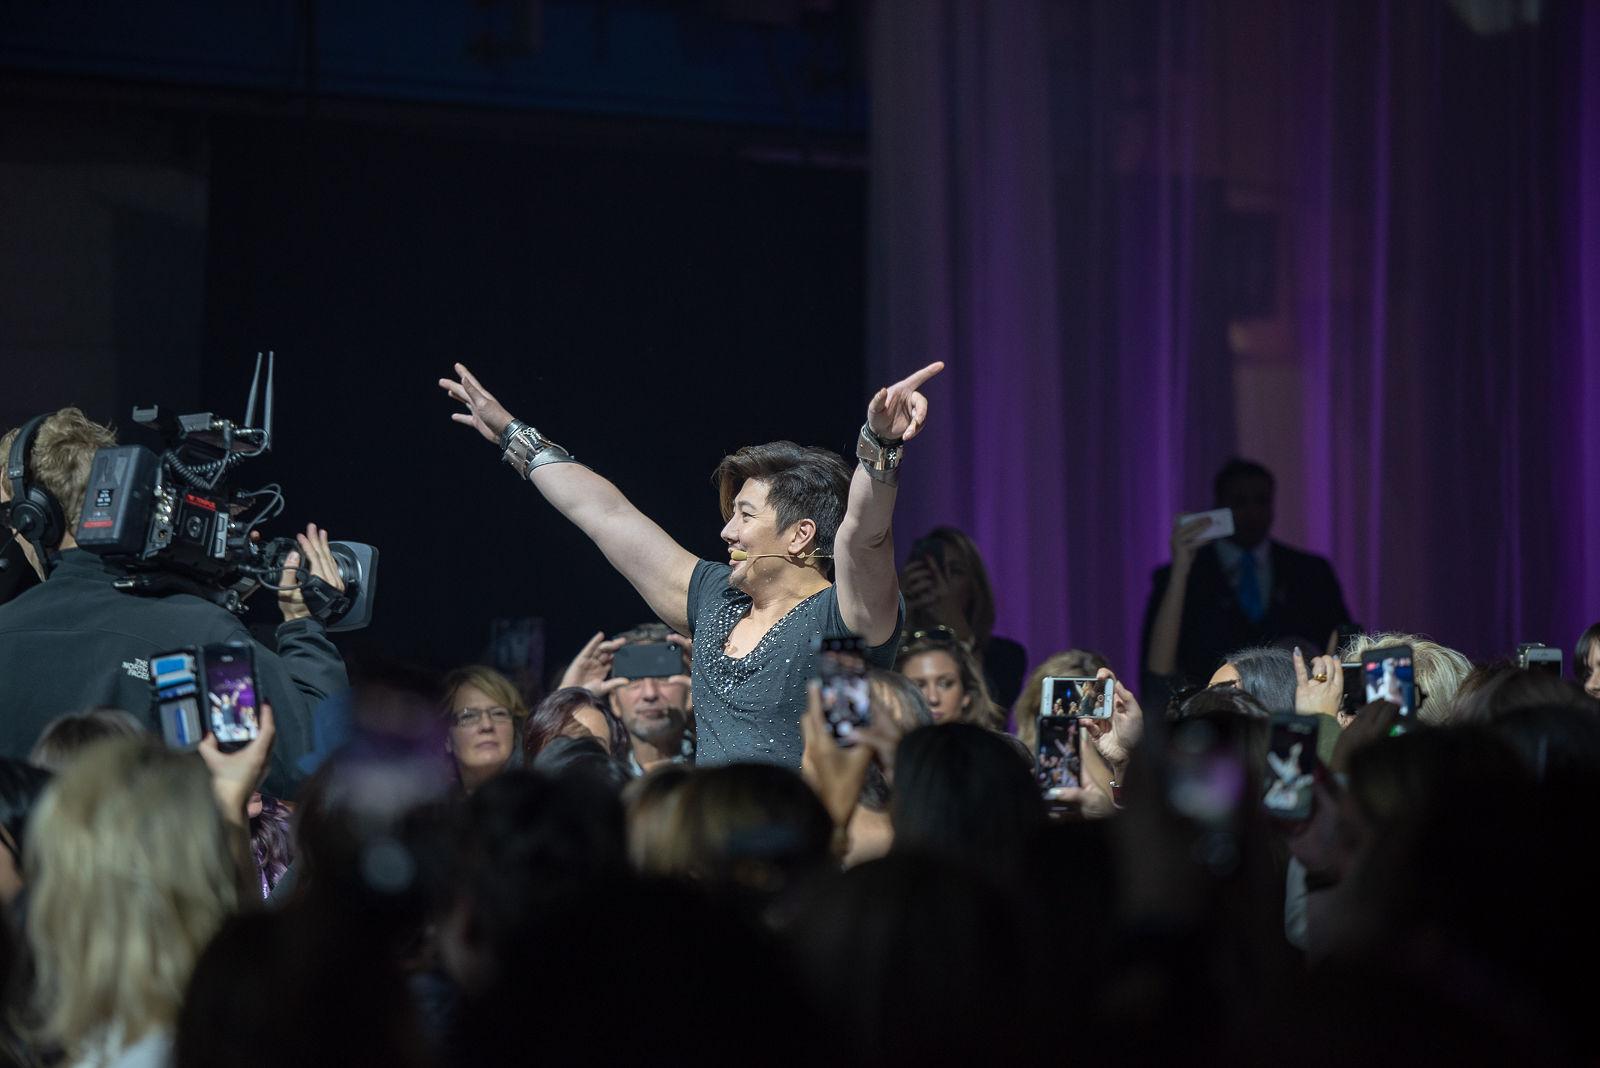 Fotografie event,Guy Tang op podium, handen in de lucht